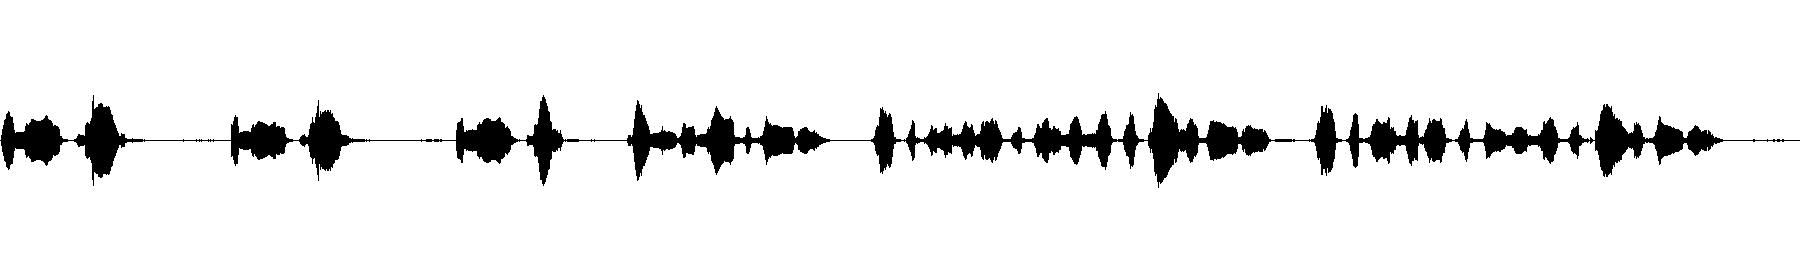 fl hrao 100bpm aligator